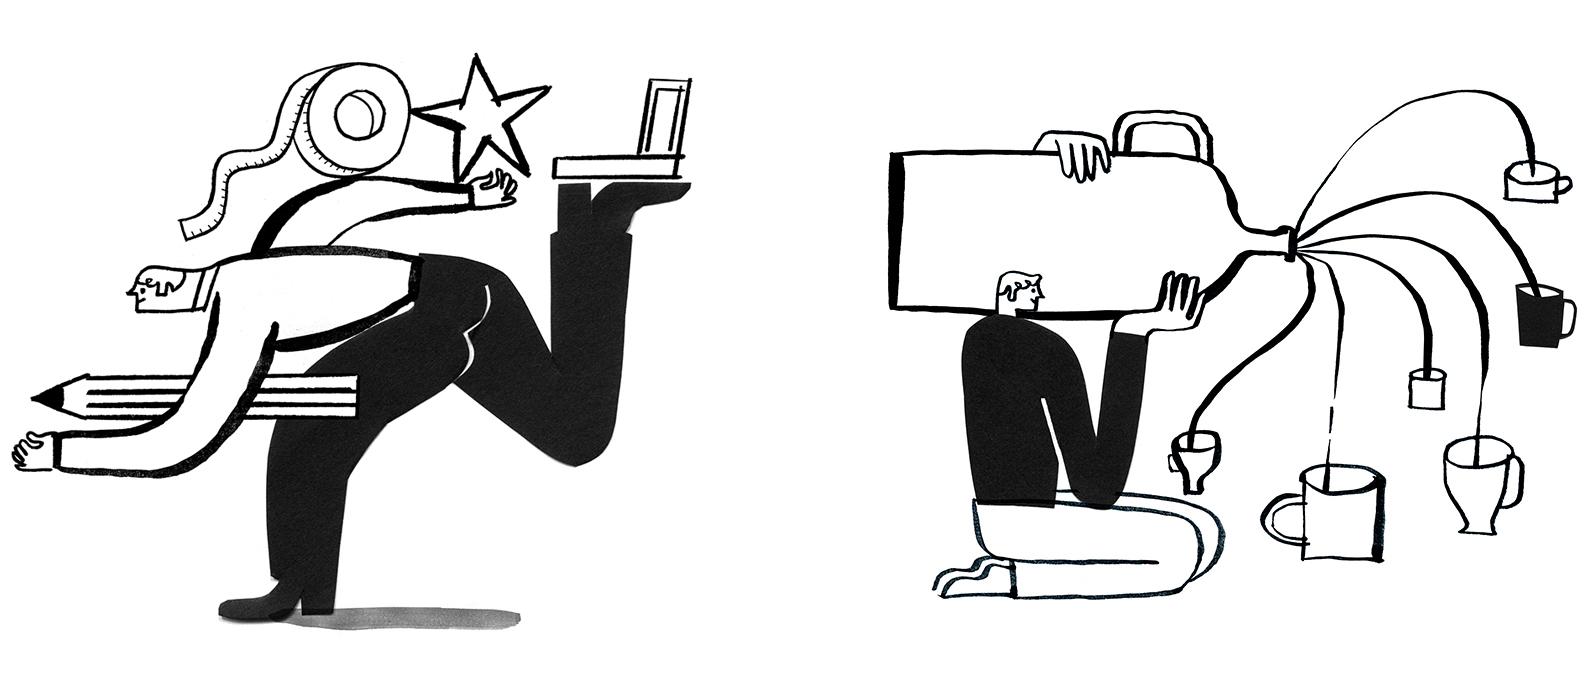 Illustrations for Mailchimp website